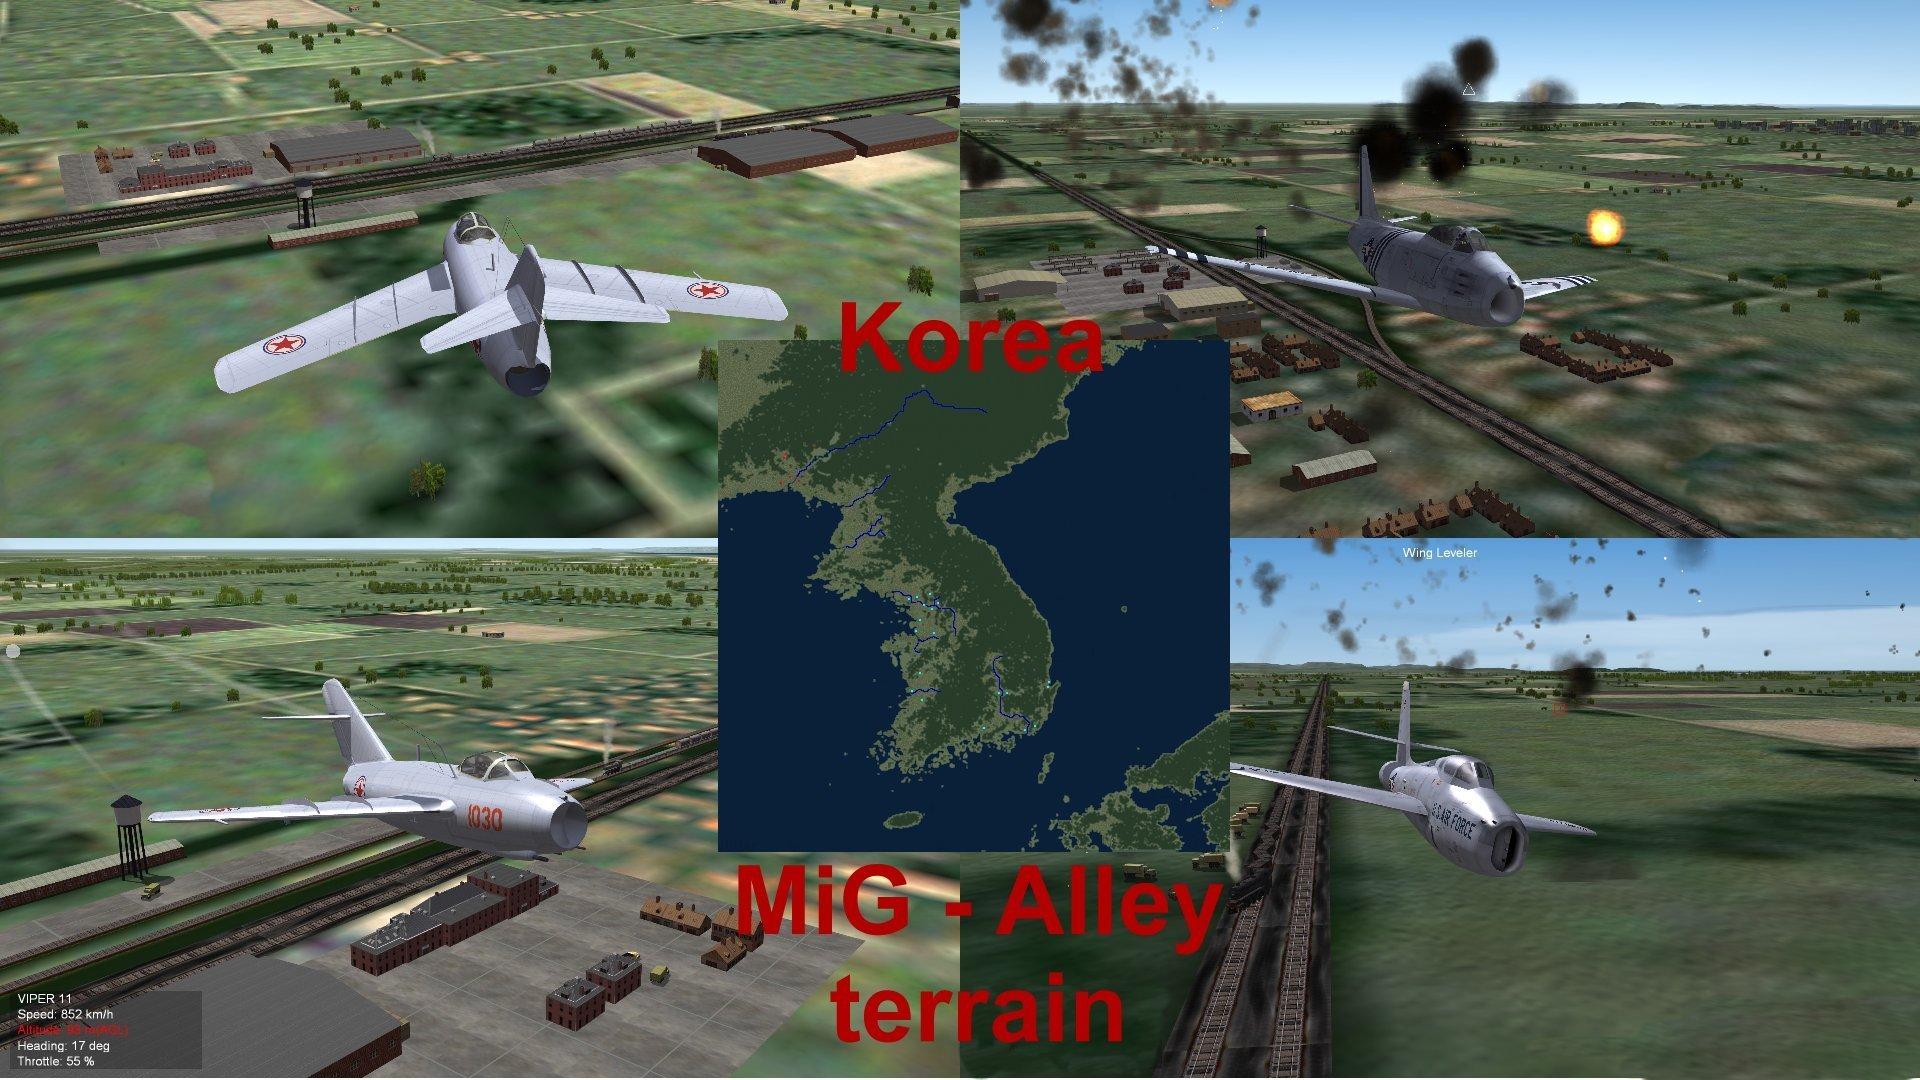 Korea MiG-Alley terrain